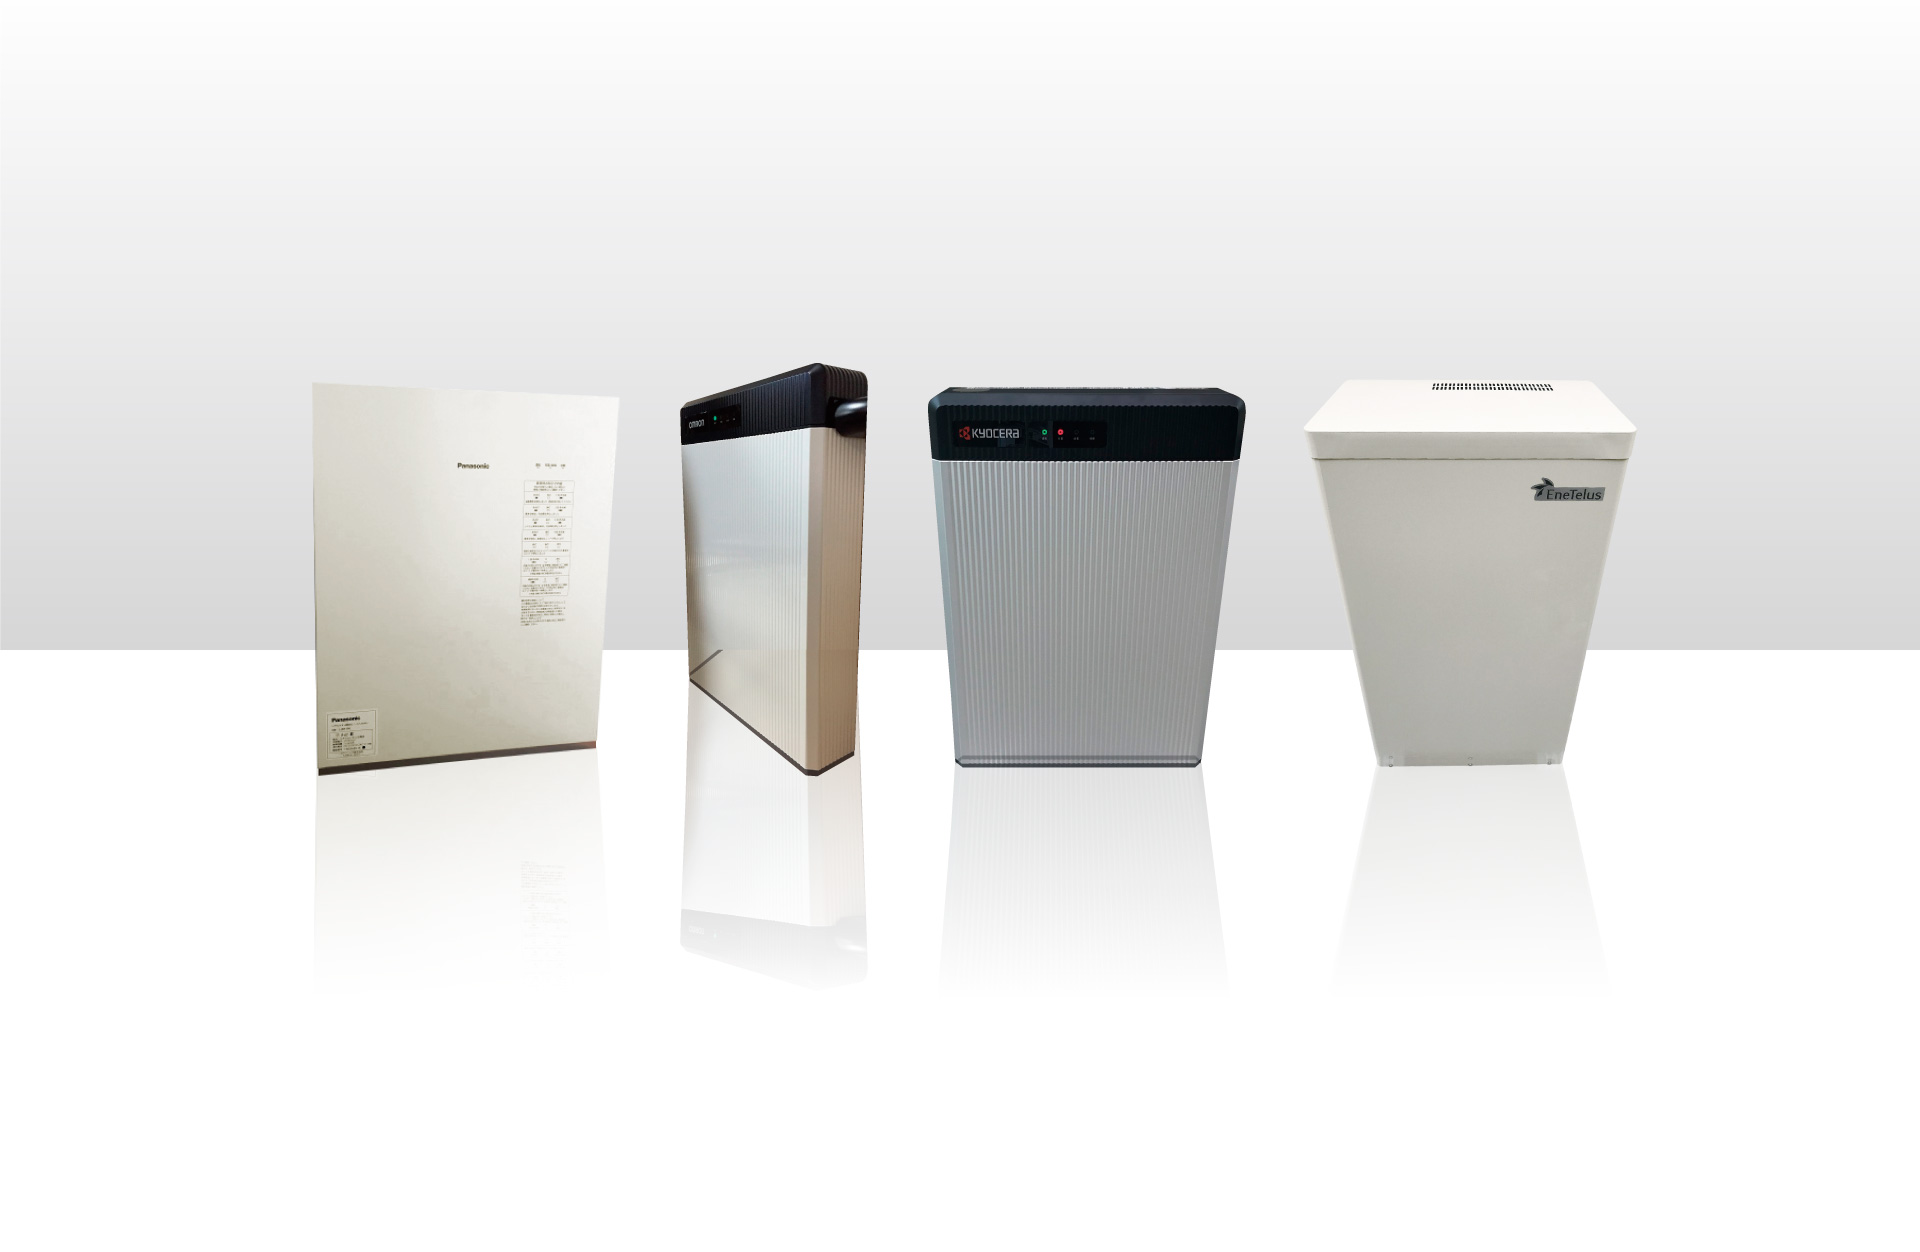 【検討中の方向け】家庭用蓄電池の容量・機能・価格について